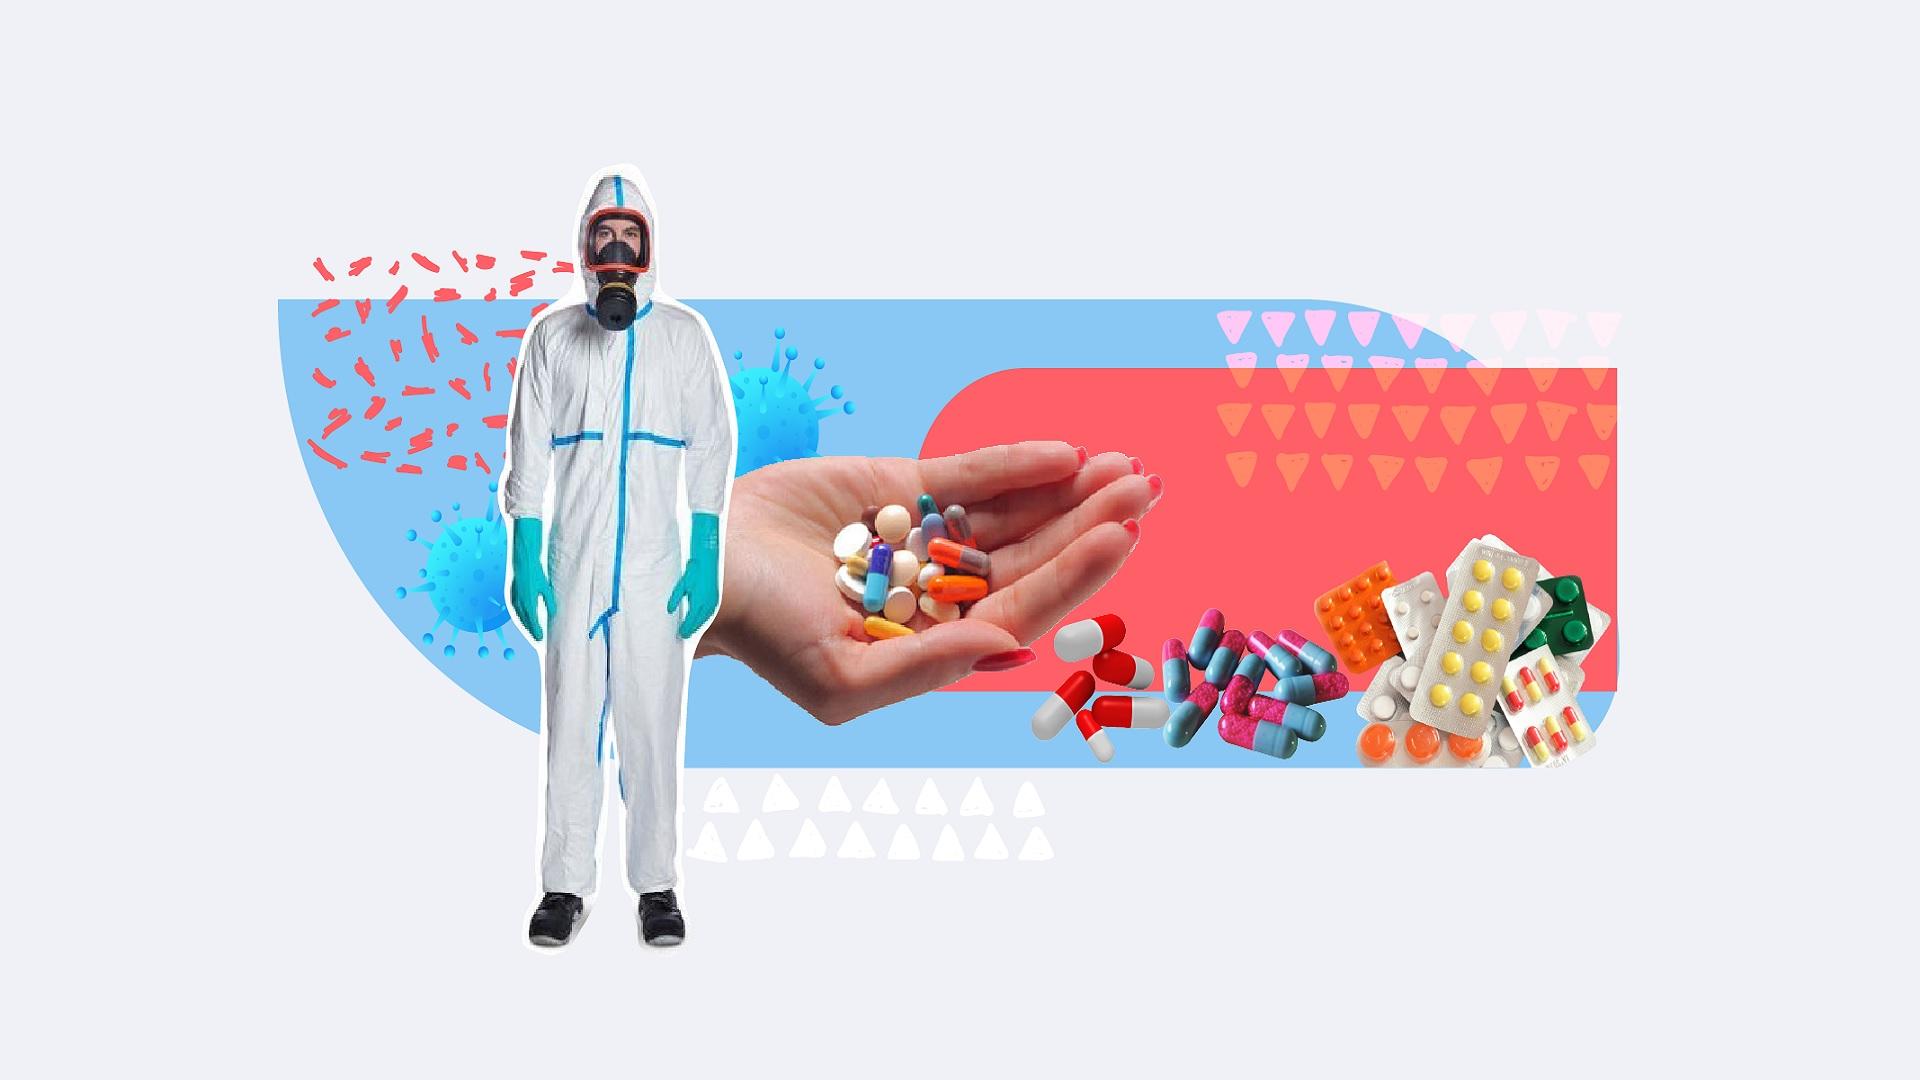 Φαρμακευτικός τομέας εξαγωγές: Η Ινδία ισχυροποιεί τη θέση της